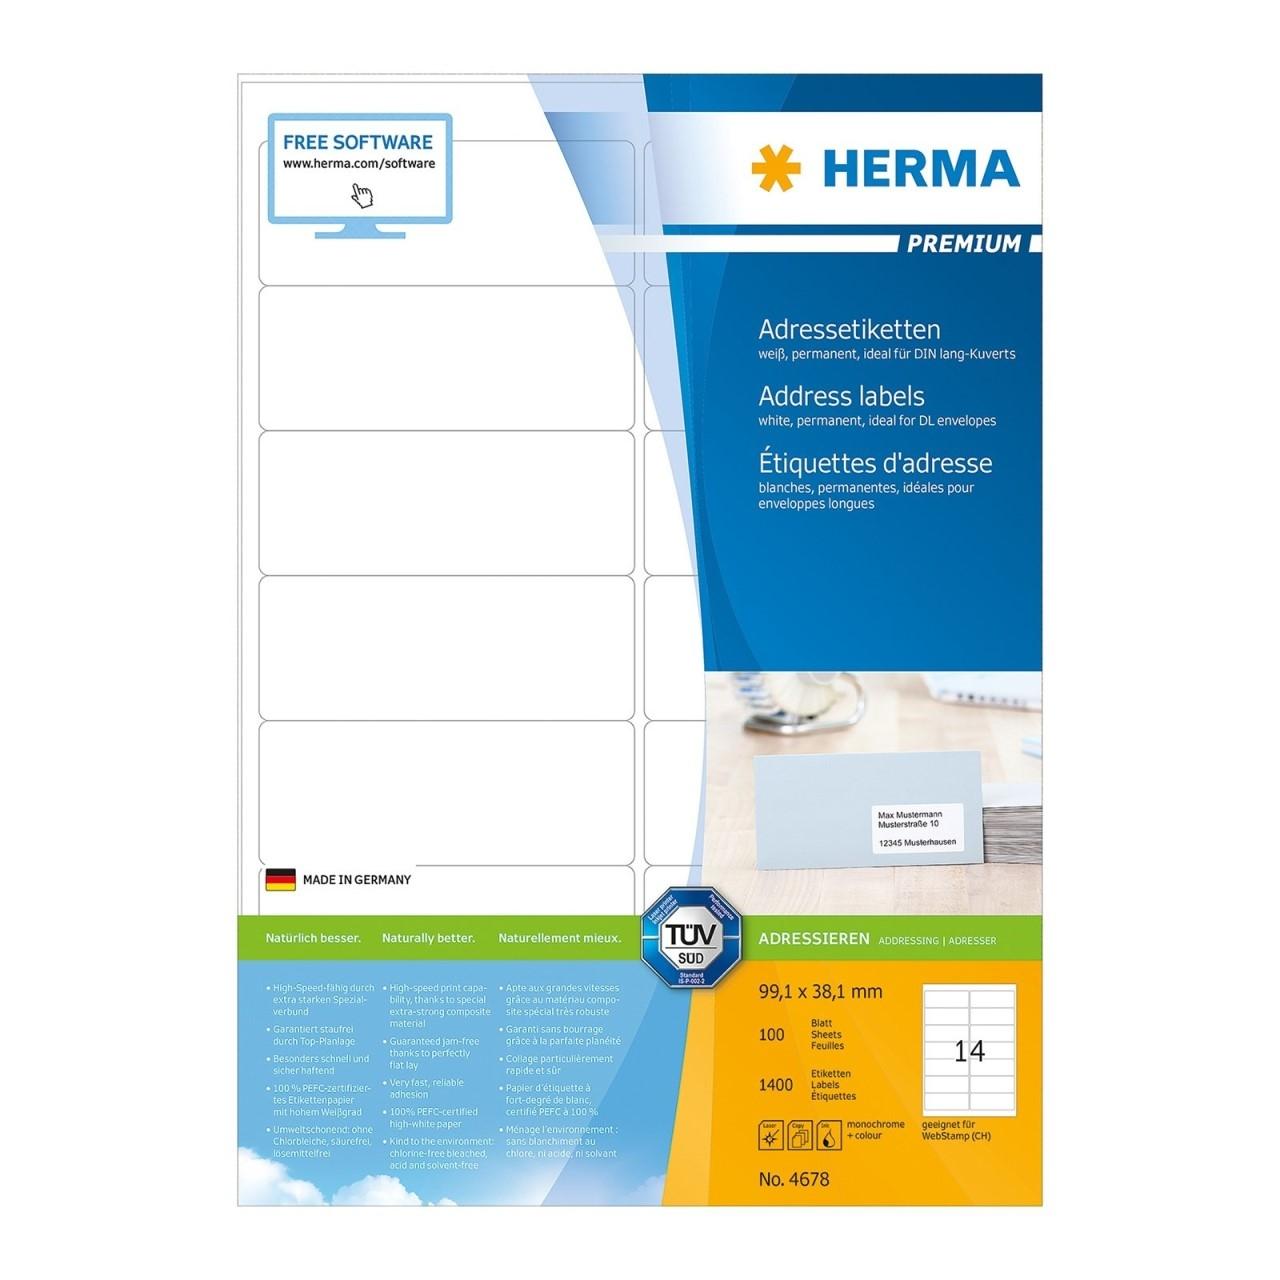 HERMA Inkjet-Etiketten wei/ß 38,1x21,2mm Special A4 VE=6500 St/ück